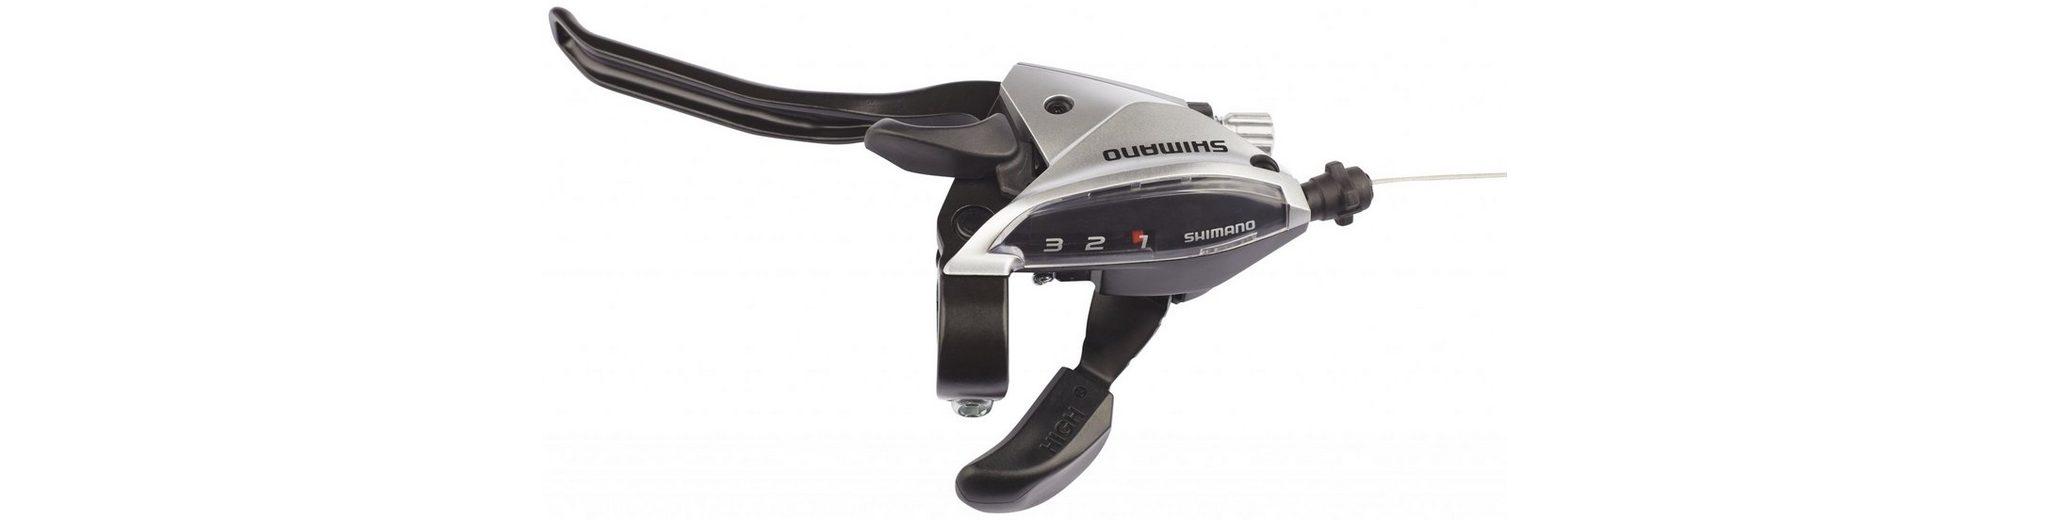 Shimano Schaltung »ST-EF510-4 Schalt-/Bremshebel VR 3-fach«